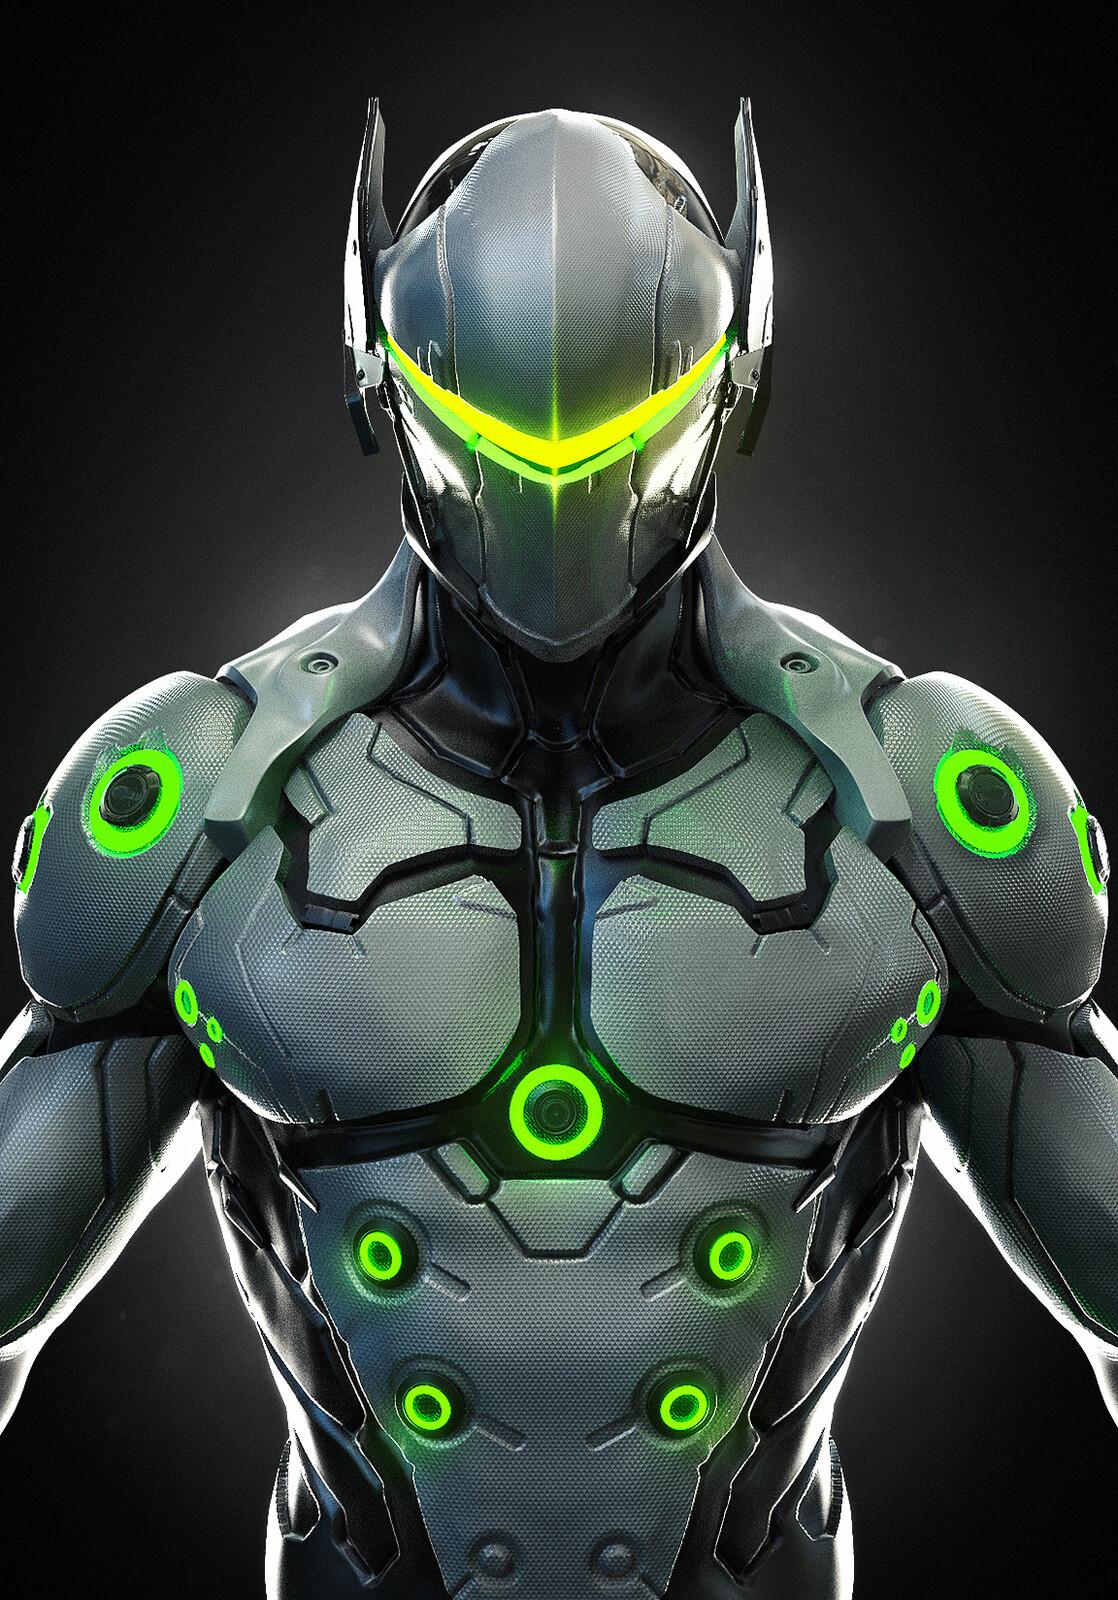 Cyber-Genji